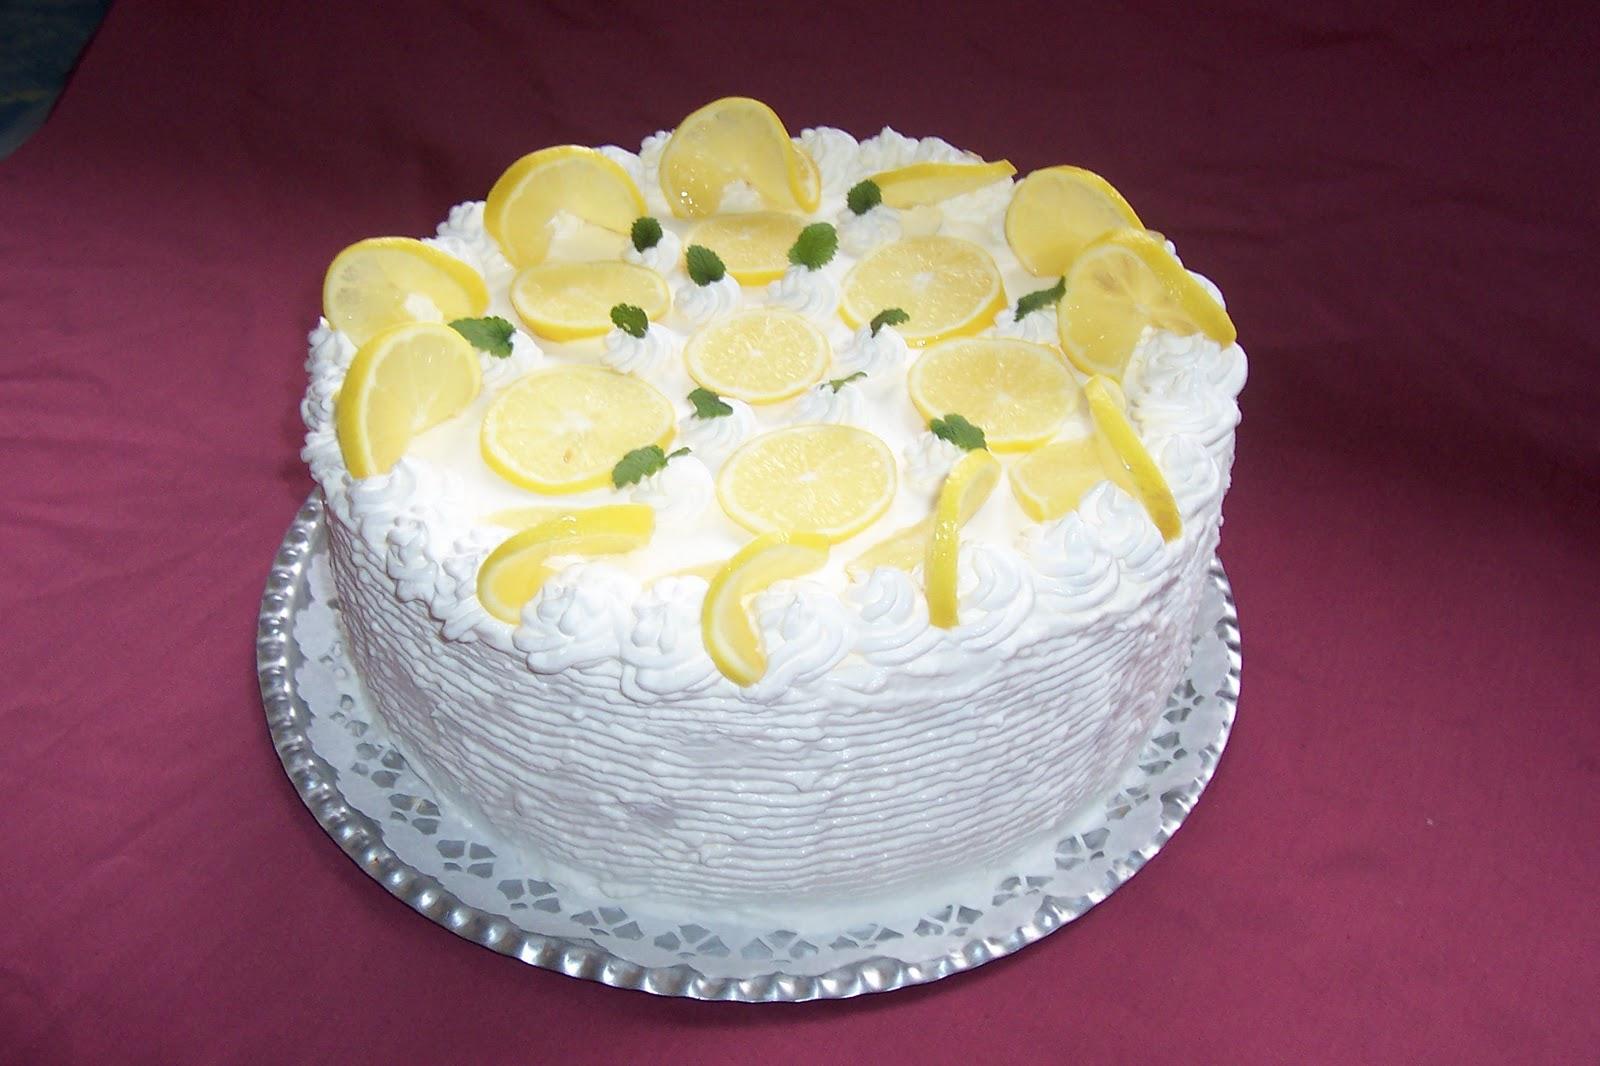 citromtorta képek Anyatigris tortái: október 2010 citromtorta képek